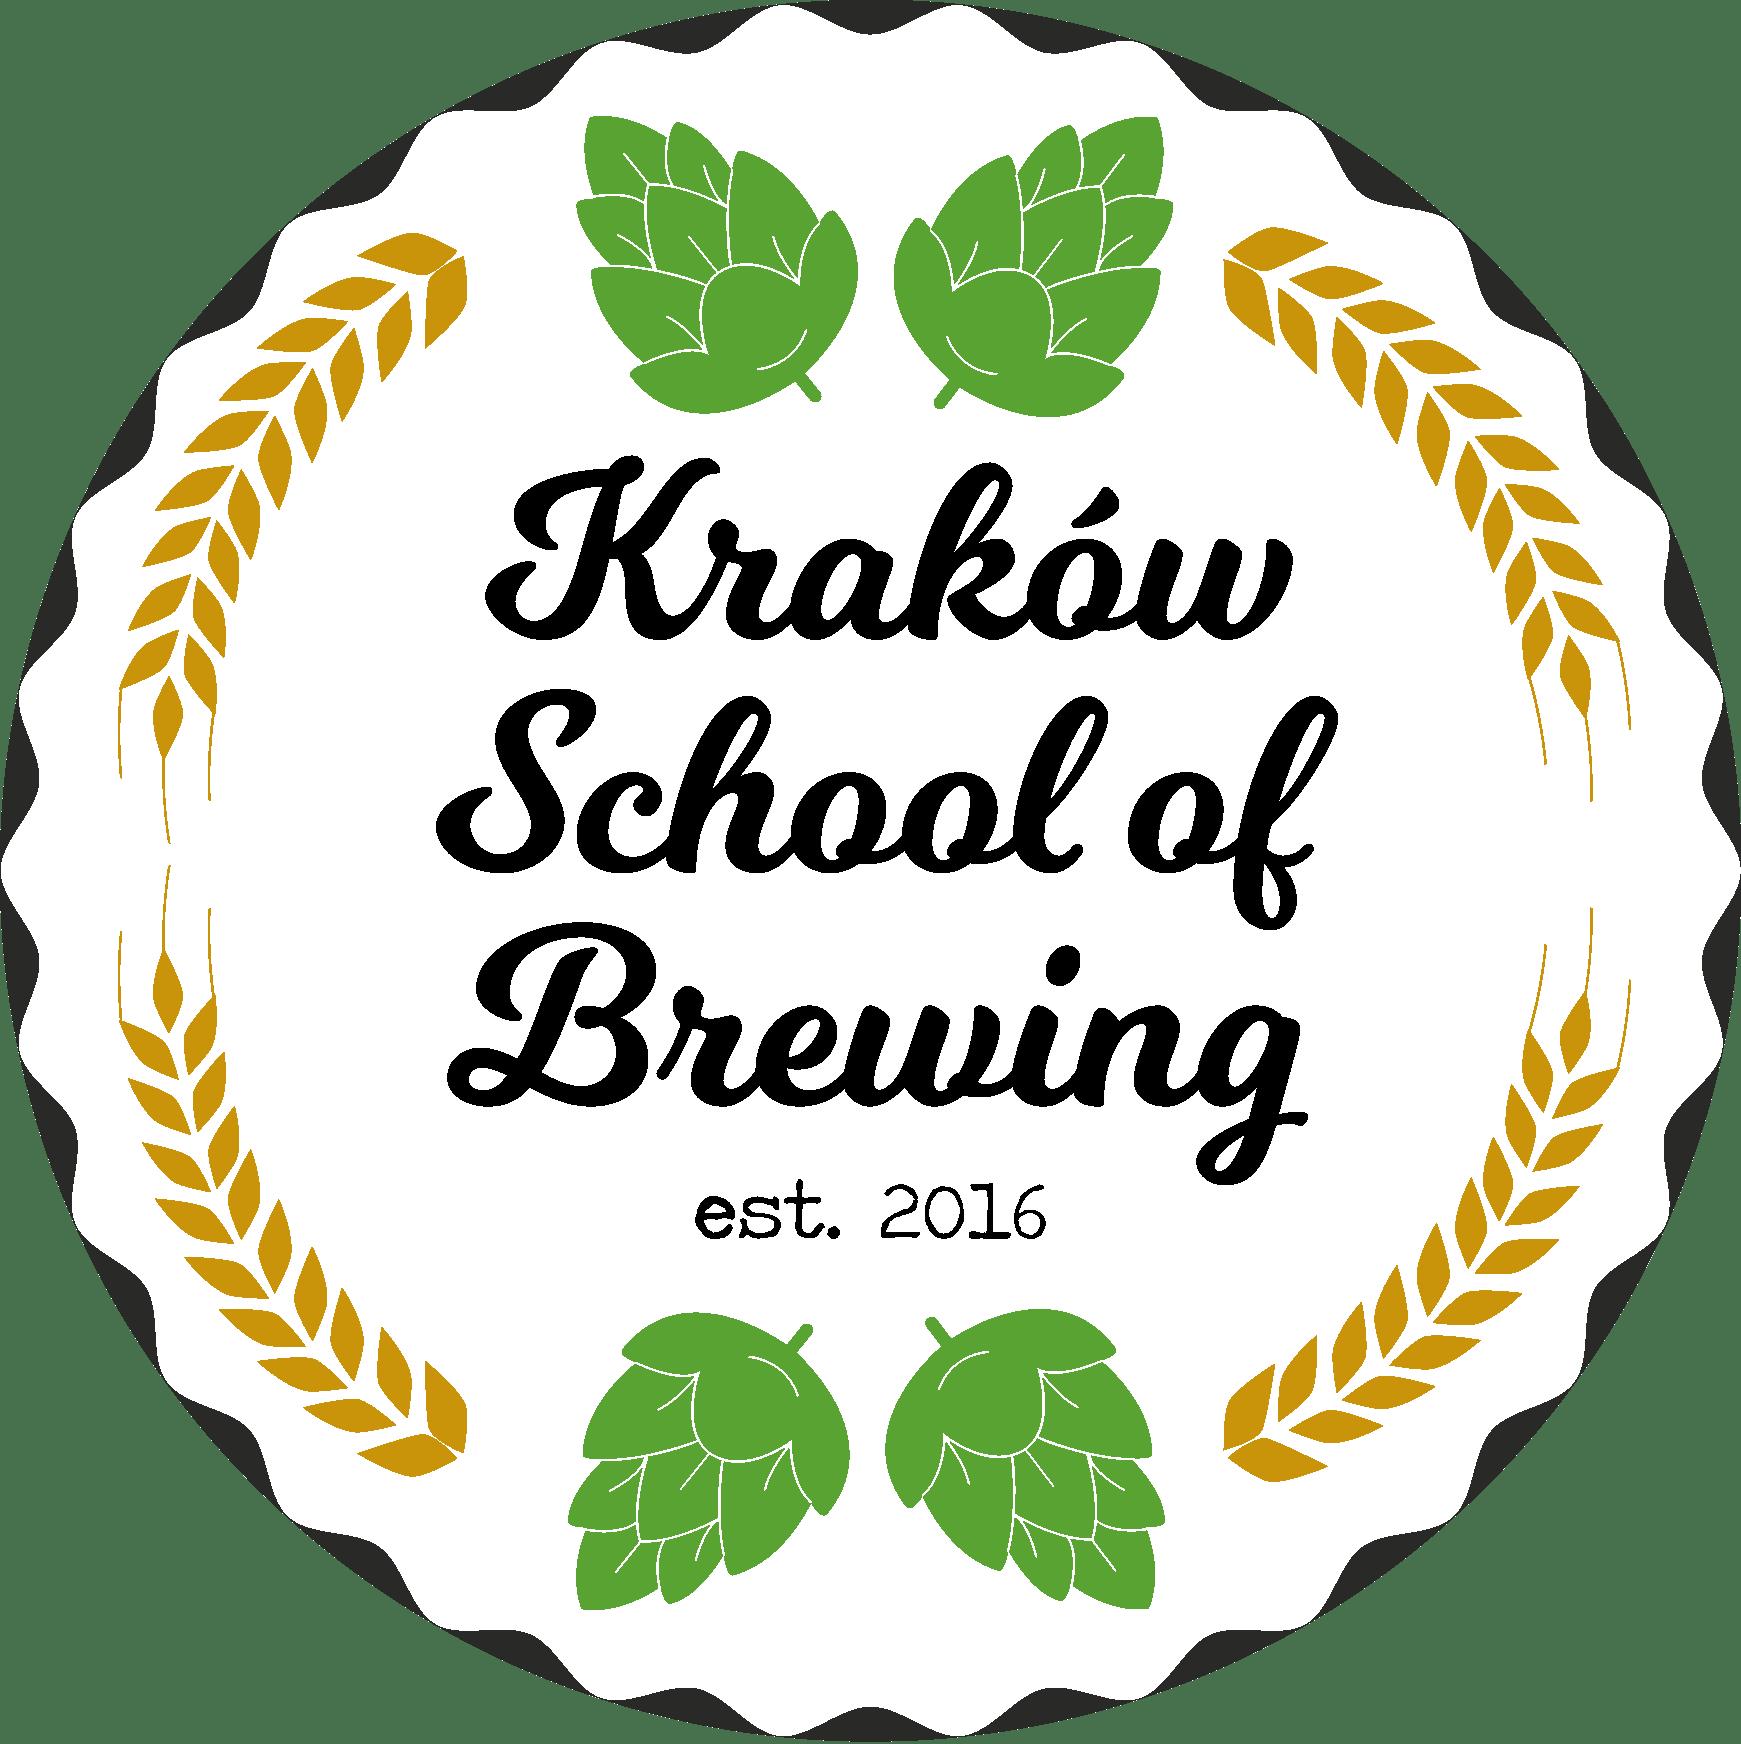 Krakowska Szkoła Browarnicza